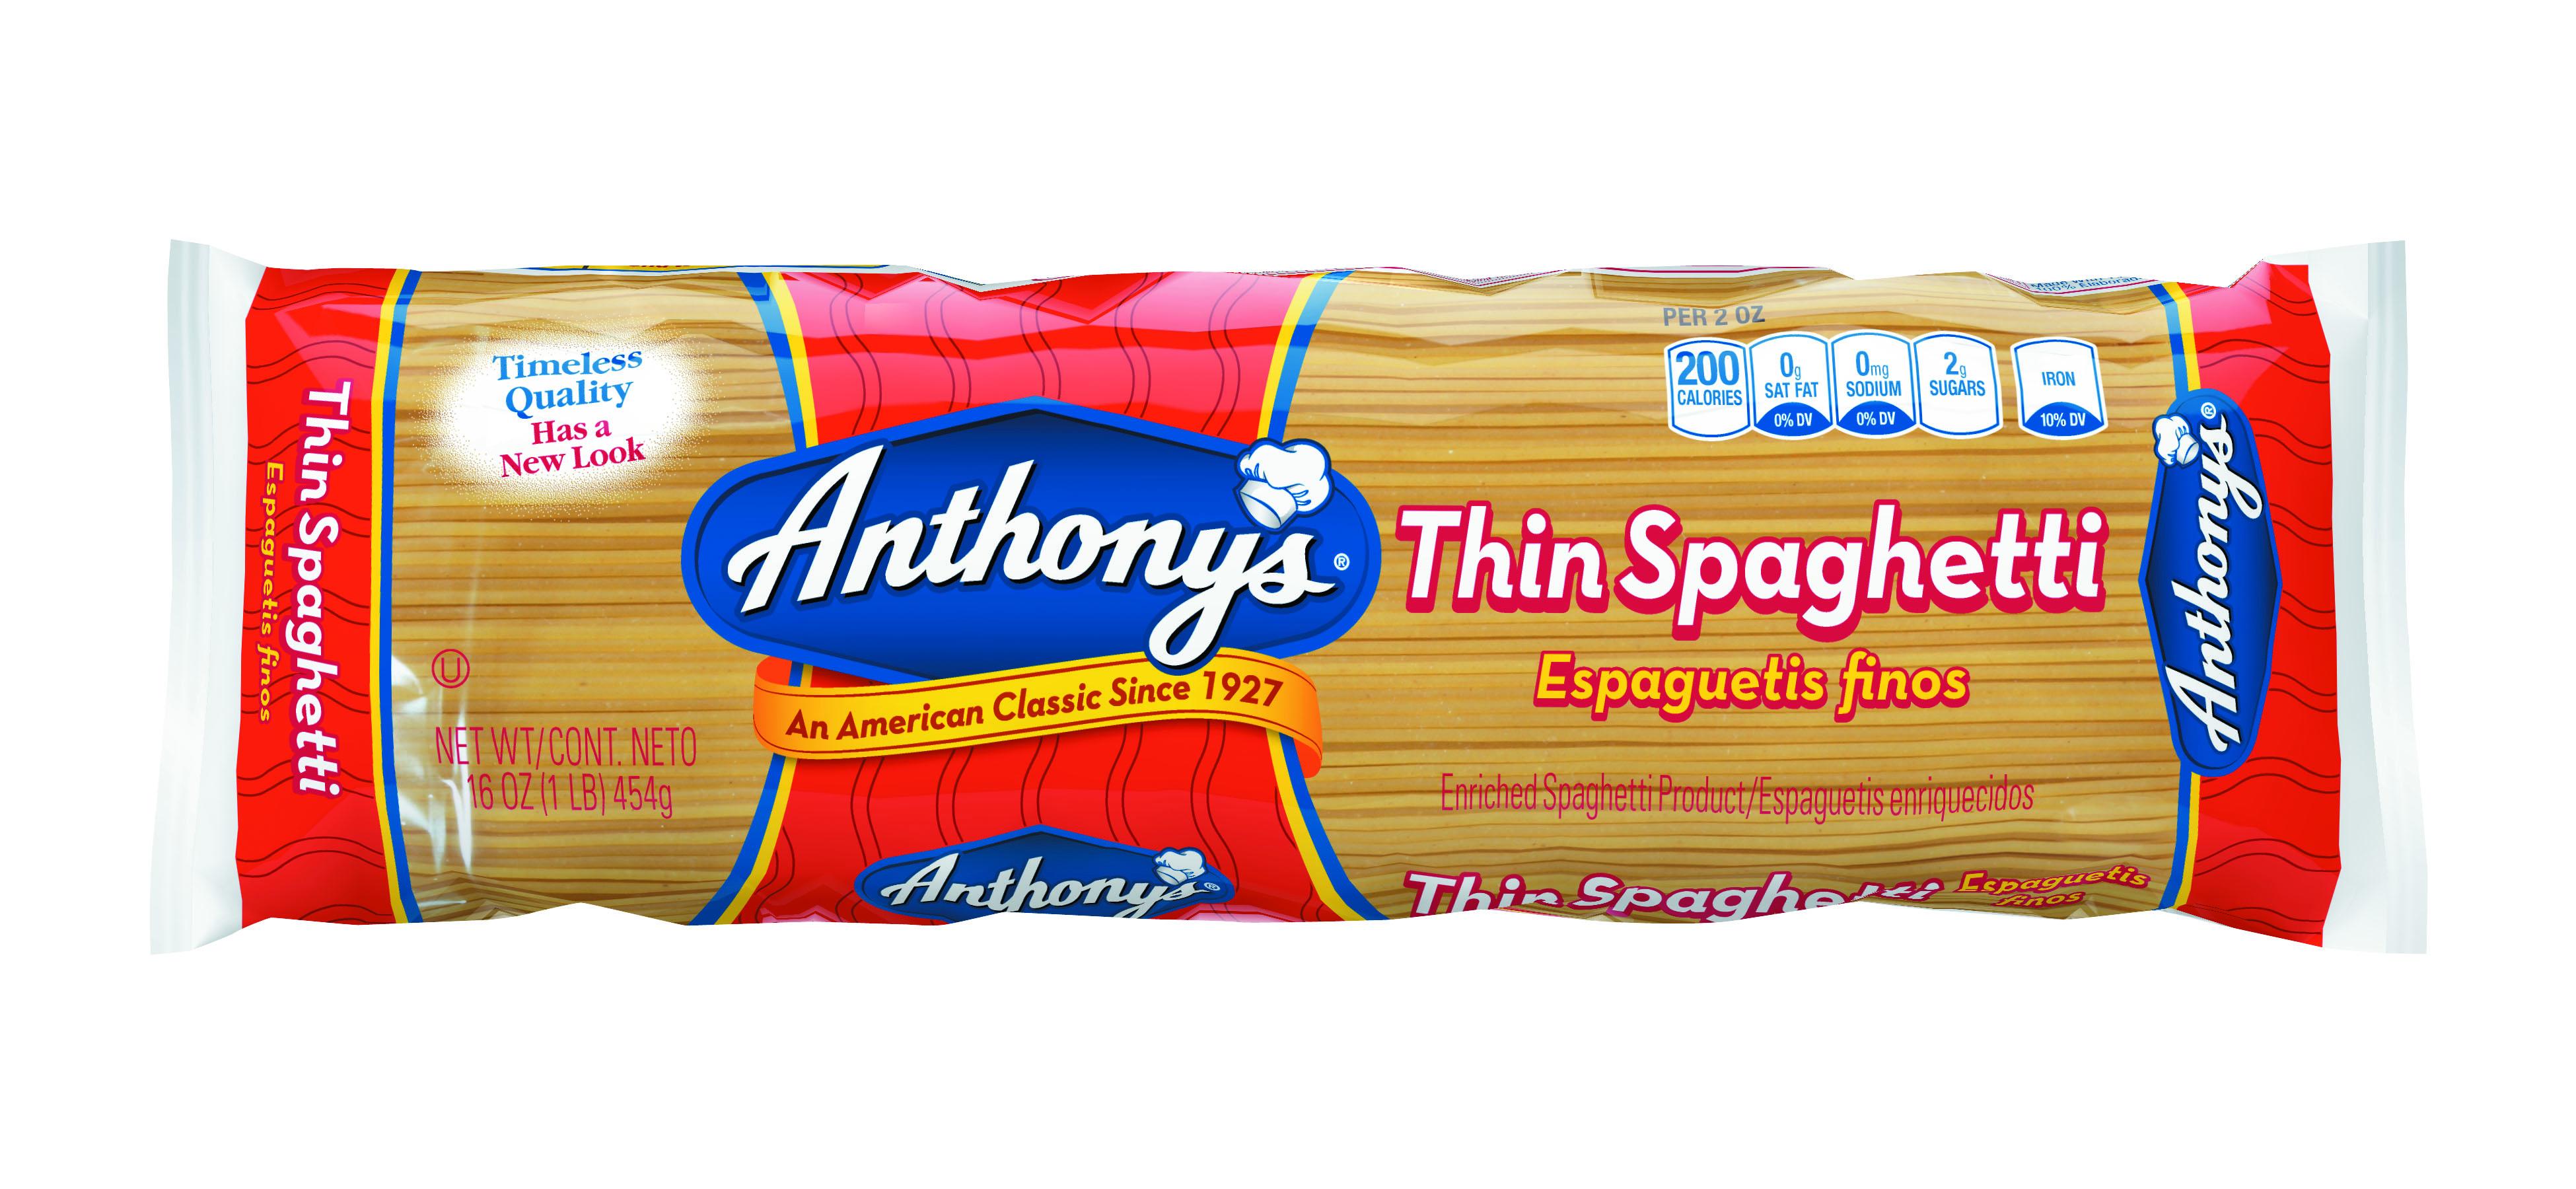 16oz-Small-Spaghetti 100% Semolina